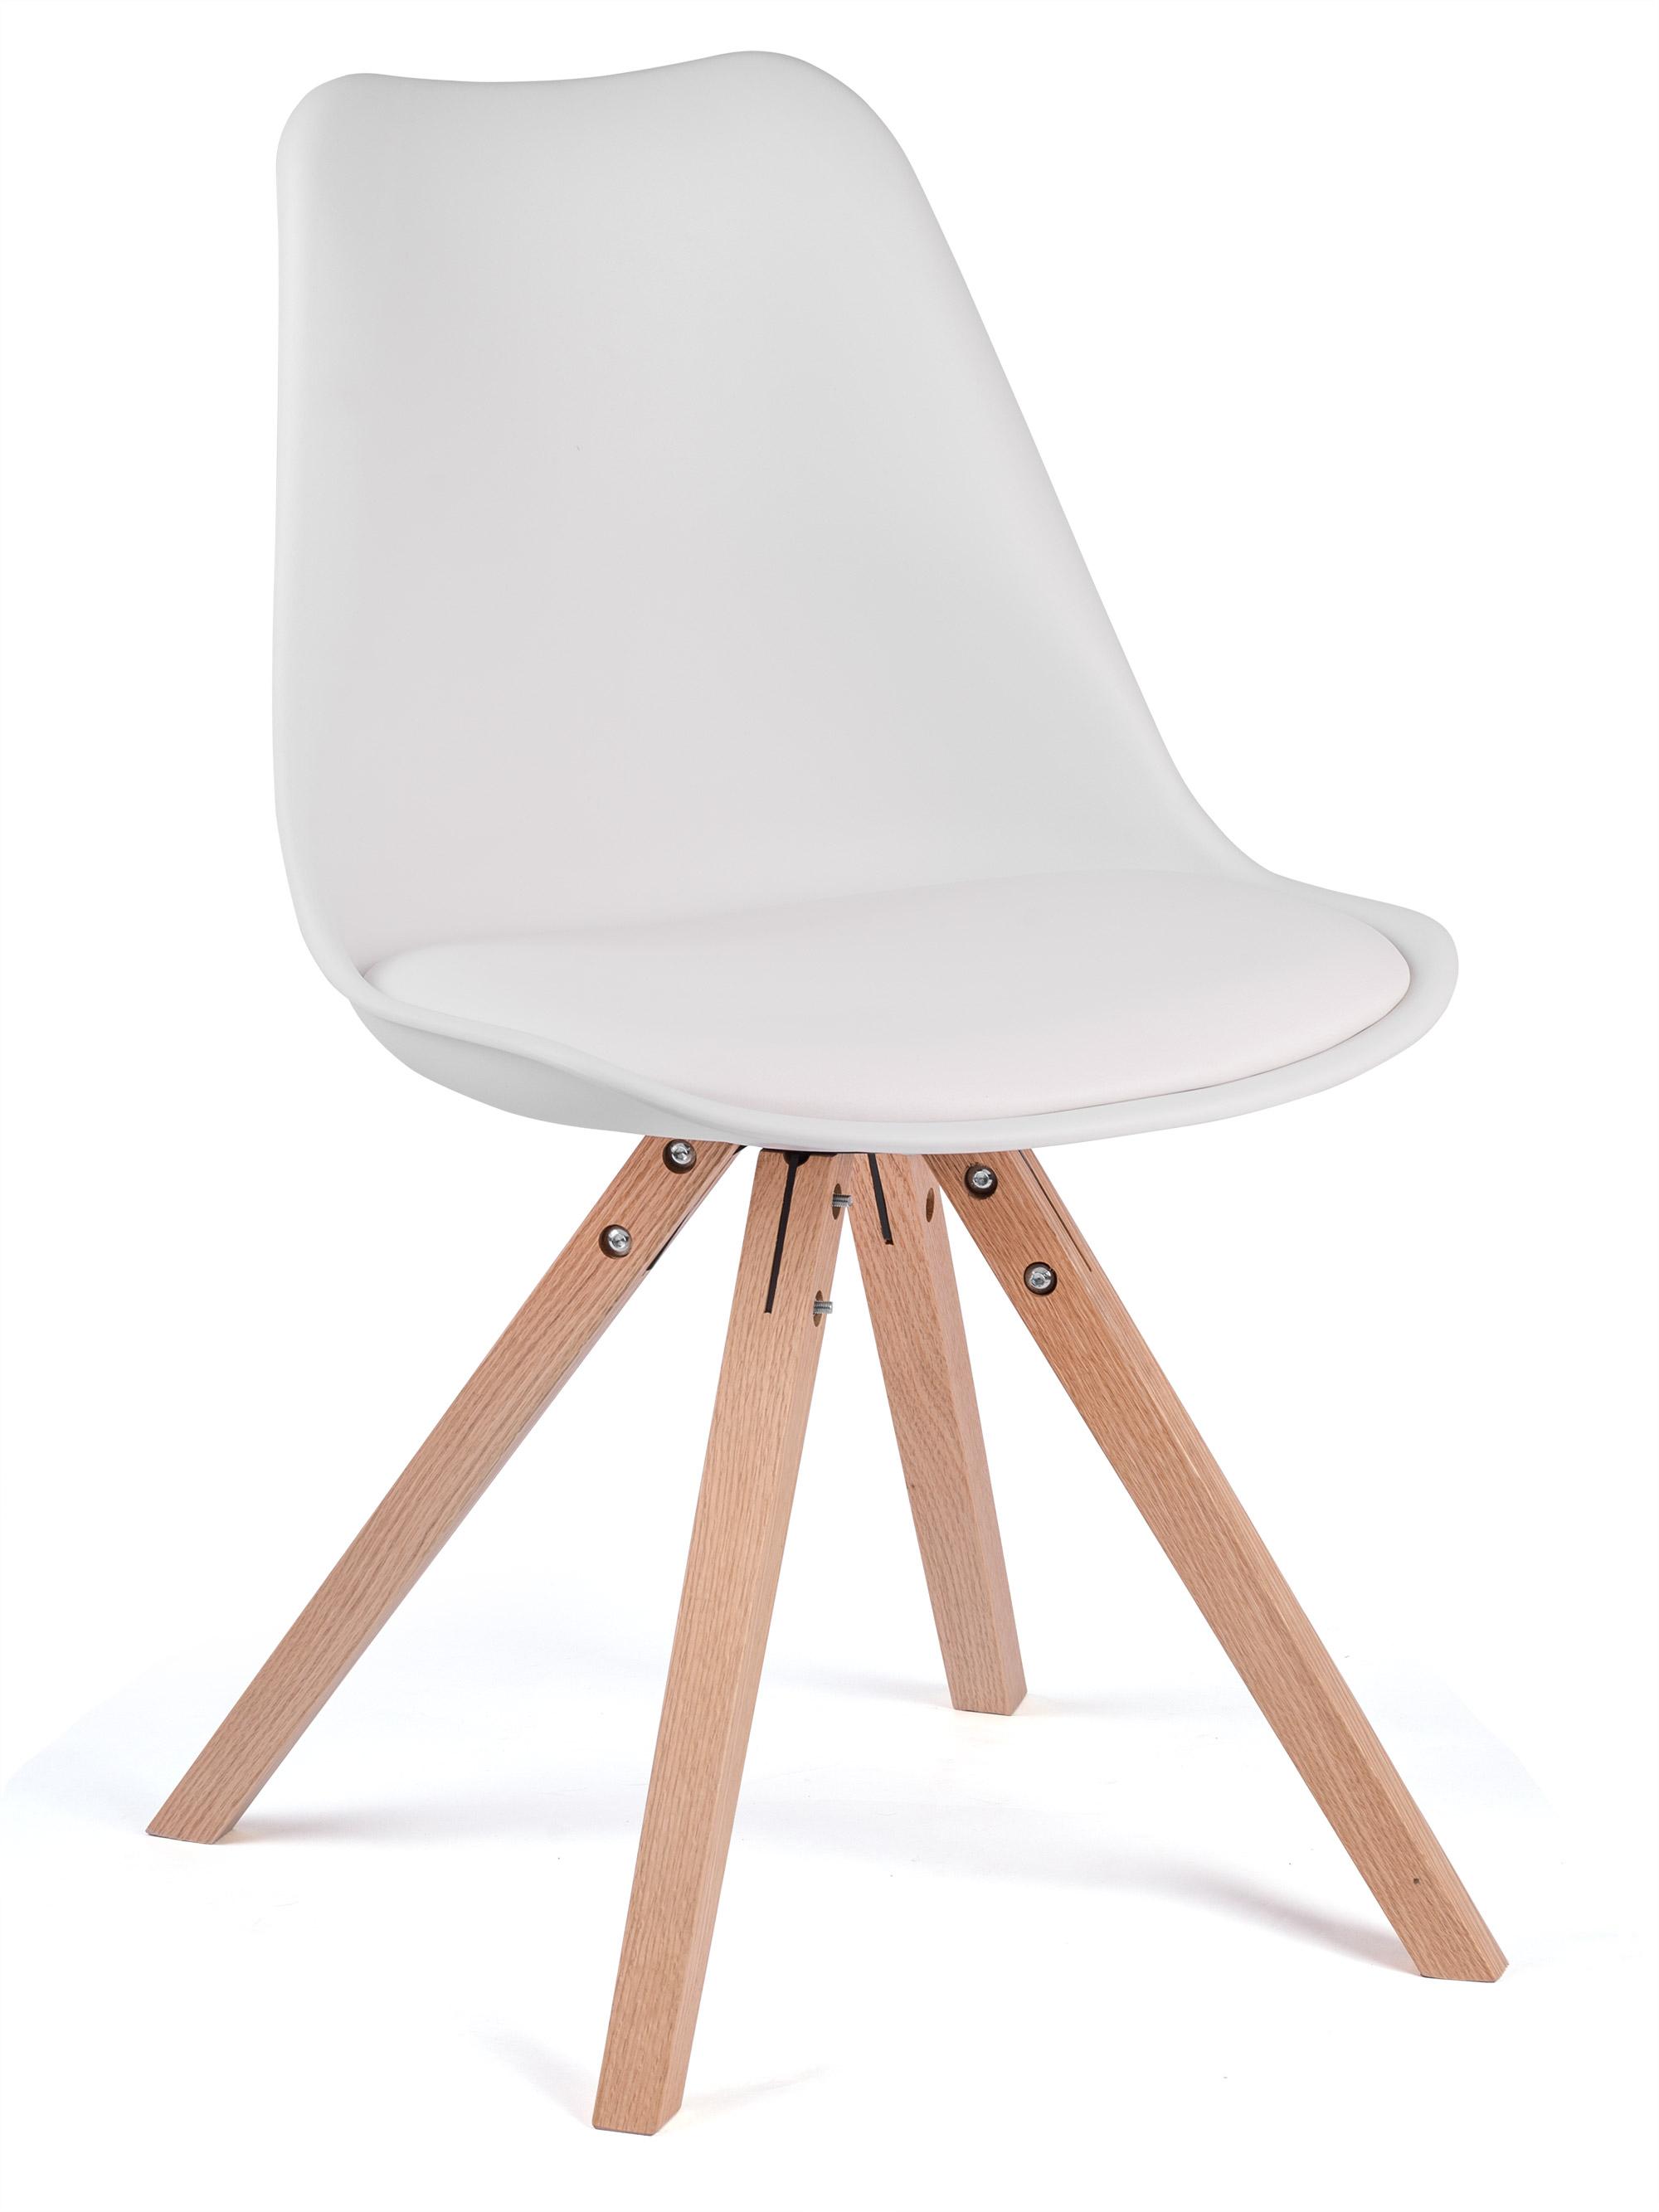 Zupełnie nowe Krzesło nowoczesne skandynawskie Sofotel Verde białe ZX53